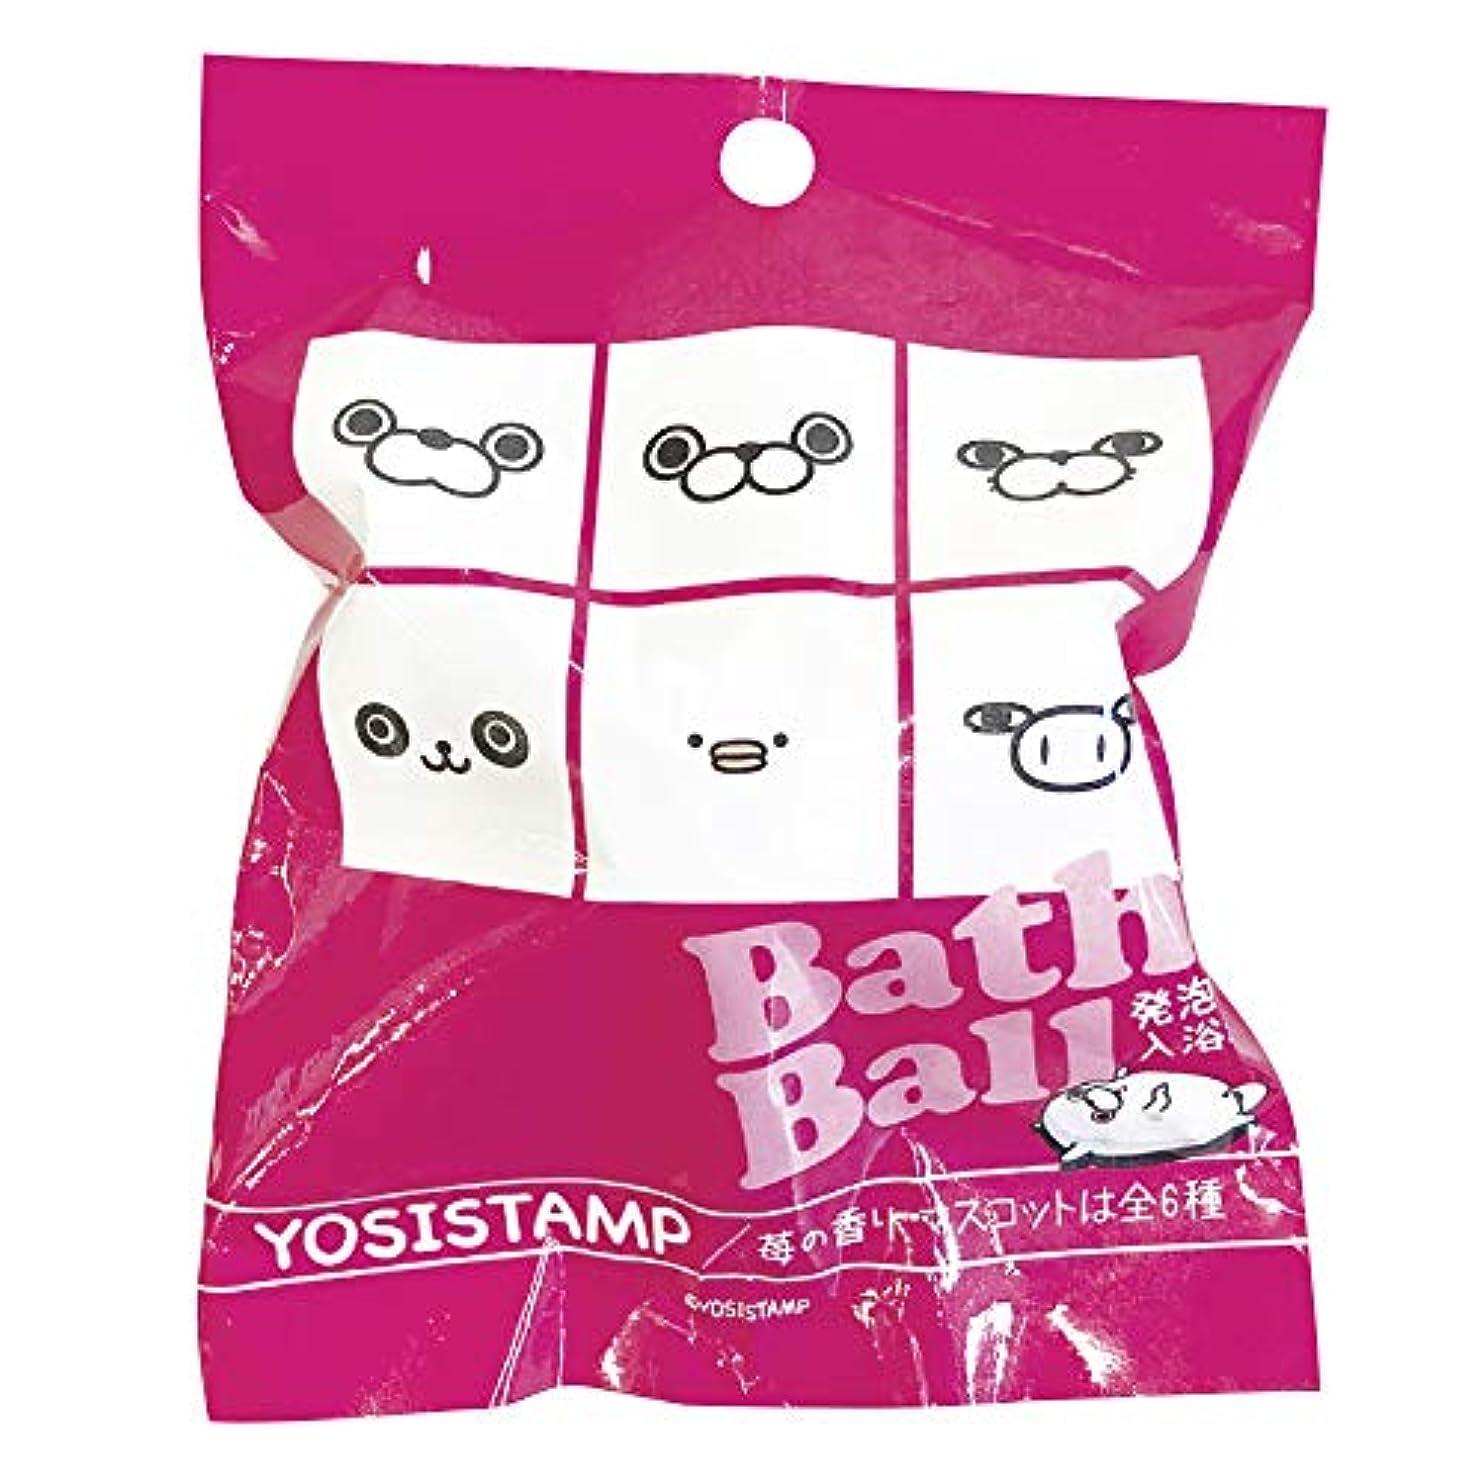 降下迷彩アルコールヨッシースタンプ 入浴剤 バスボール おまけ付き イチゴの香り ABD-004-002